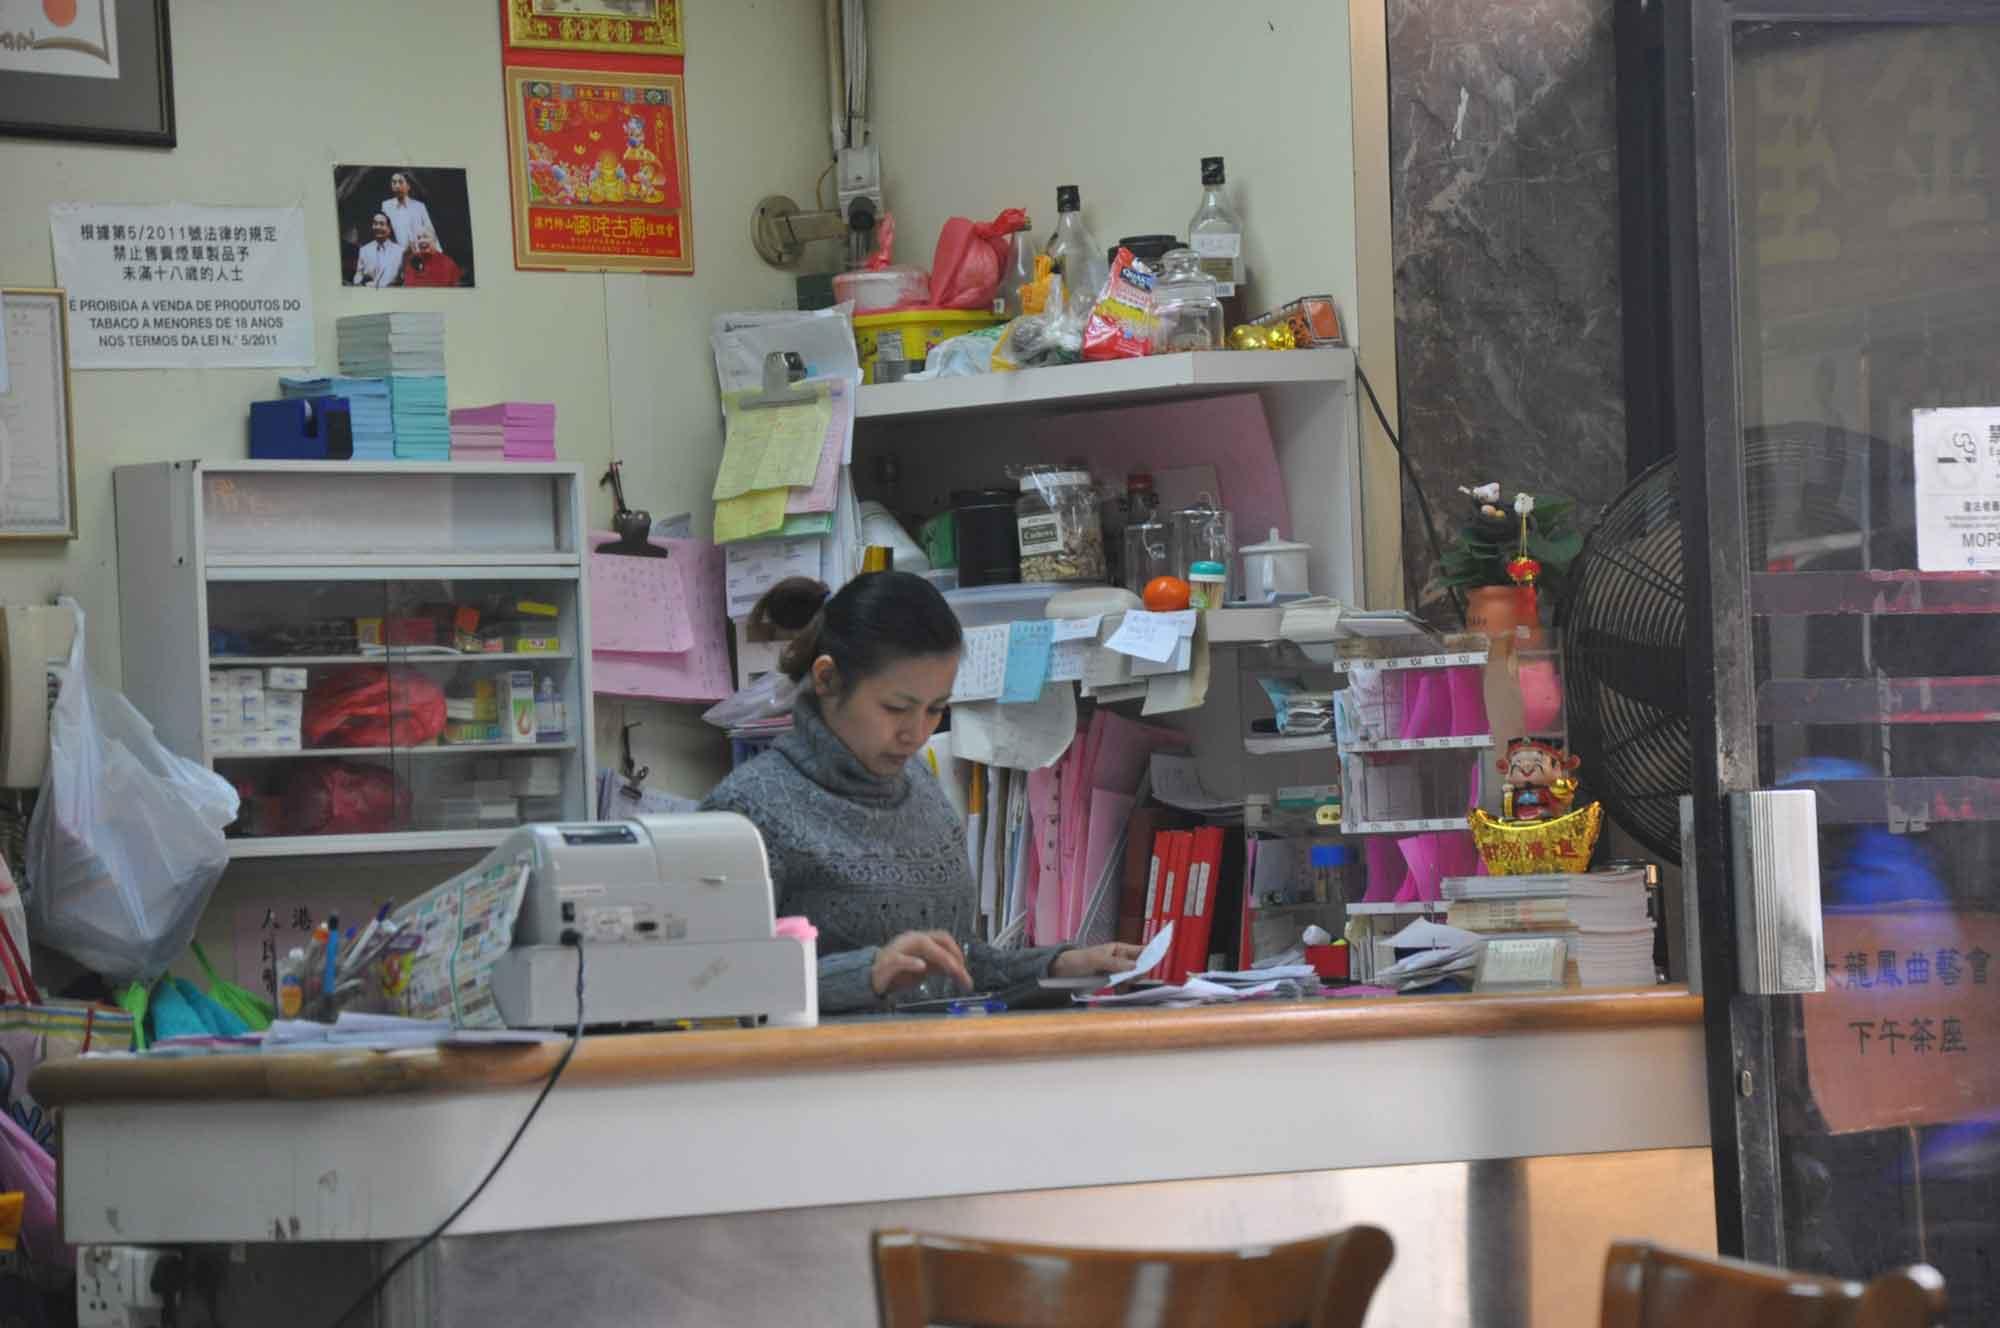 Tai Long Fong pay counter